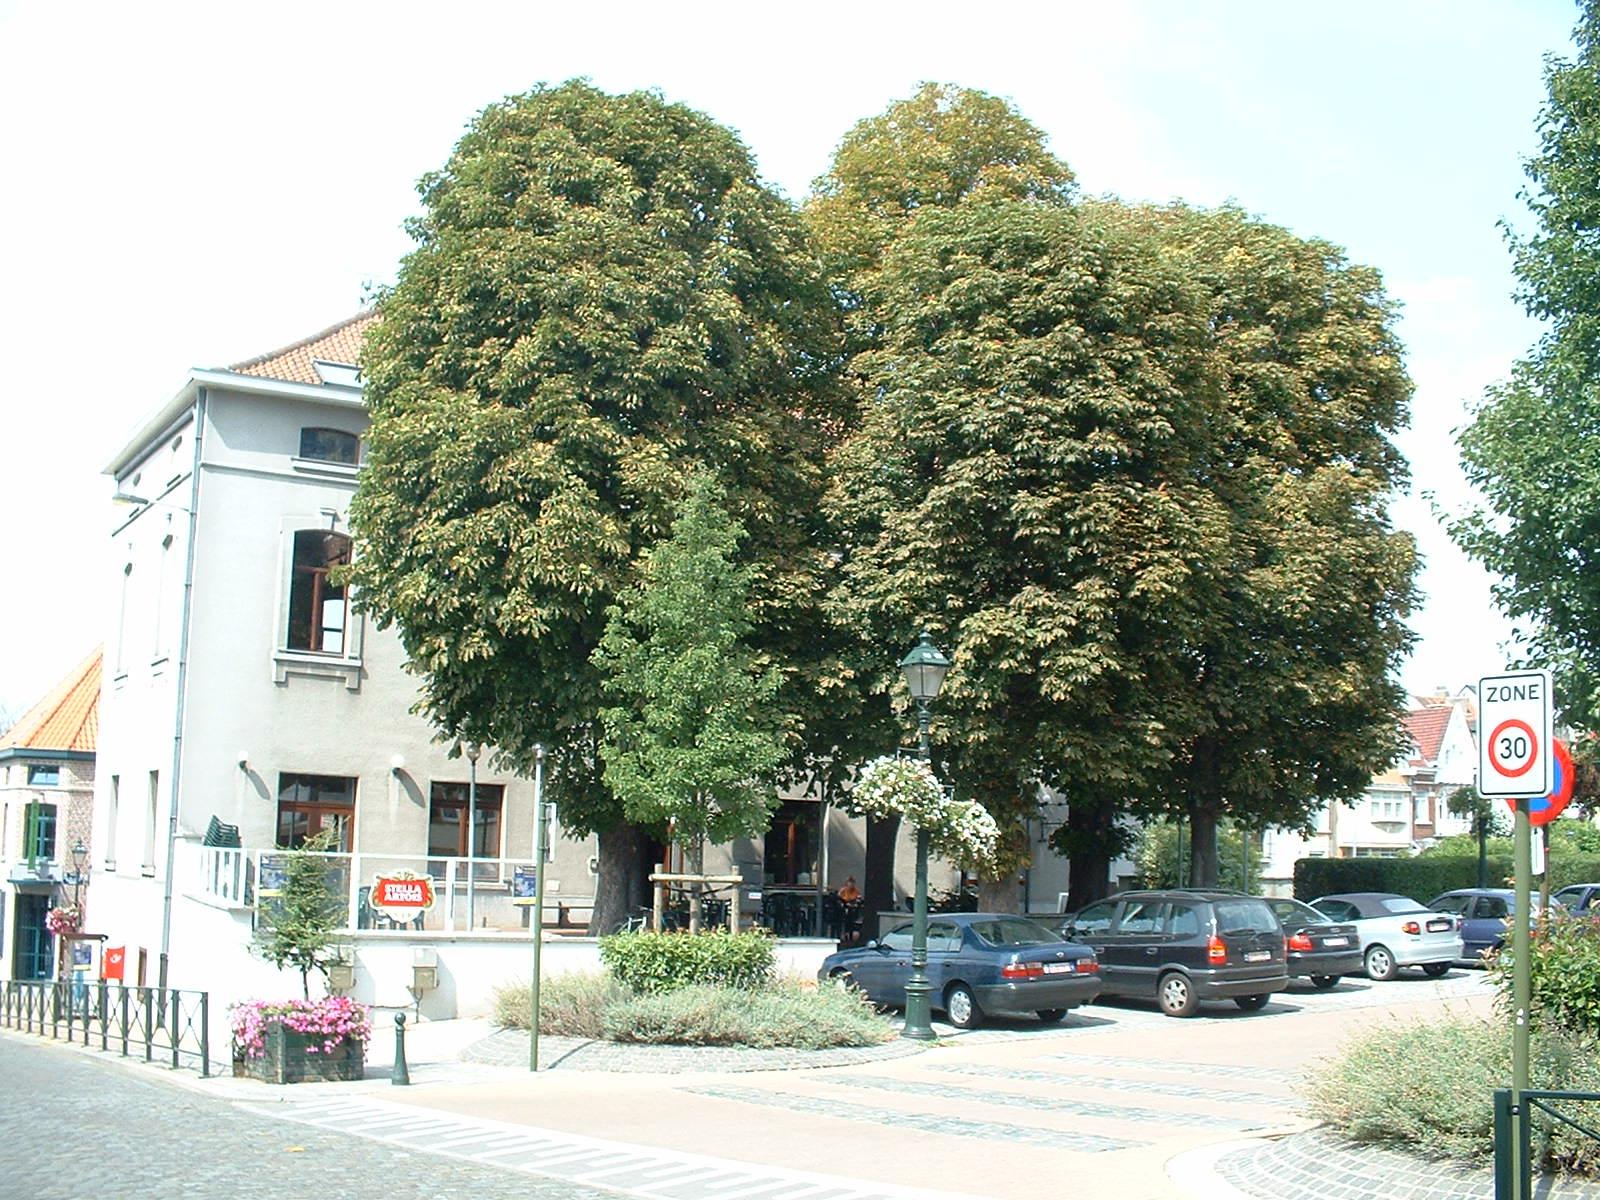 Witte paardenkastanje – St.- Agatha - Berchem, Jean Baptiste Vandendrieschstraat, 19 –  21 August 2003